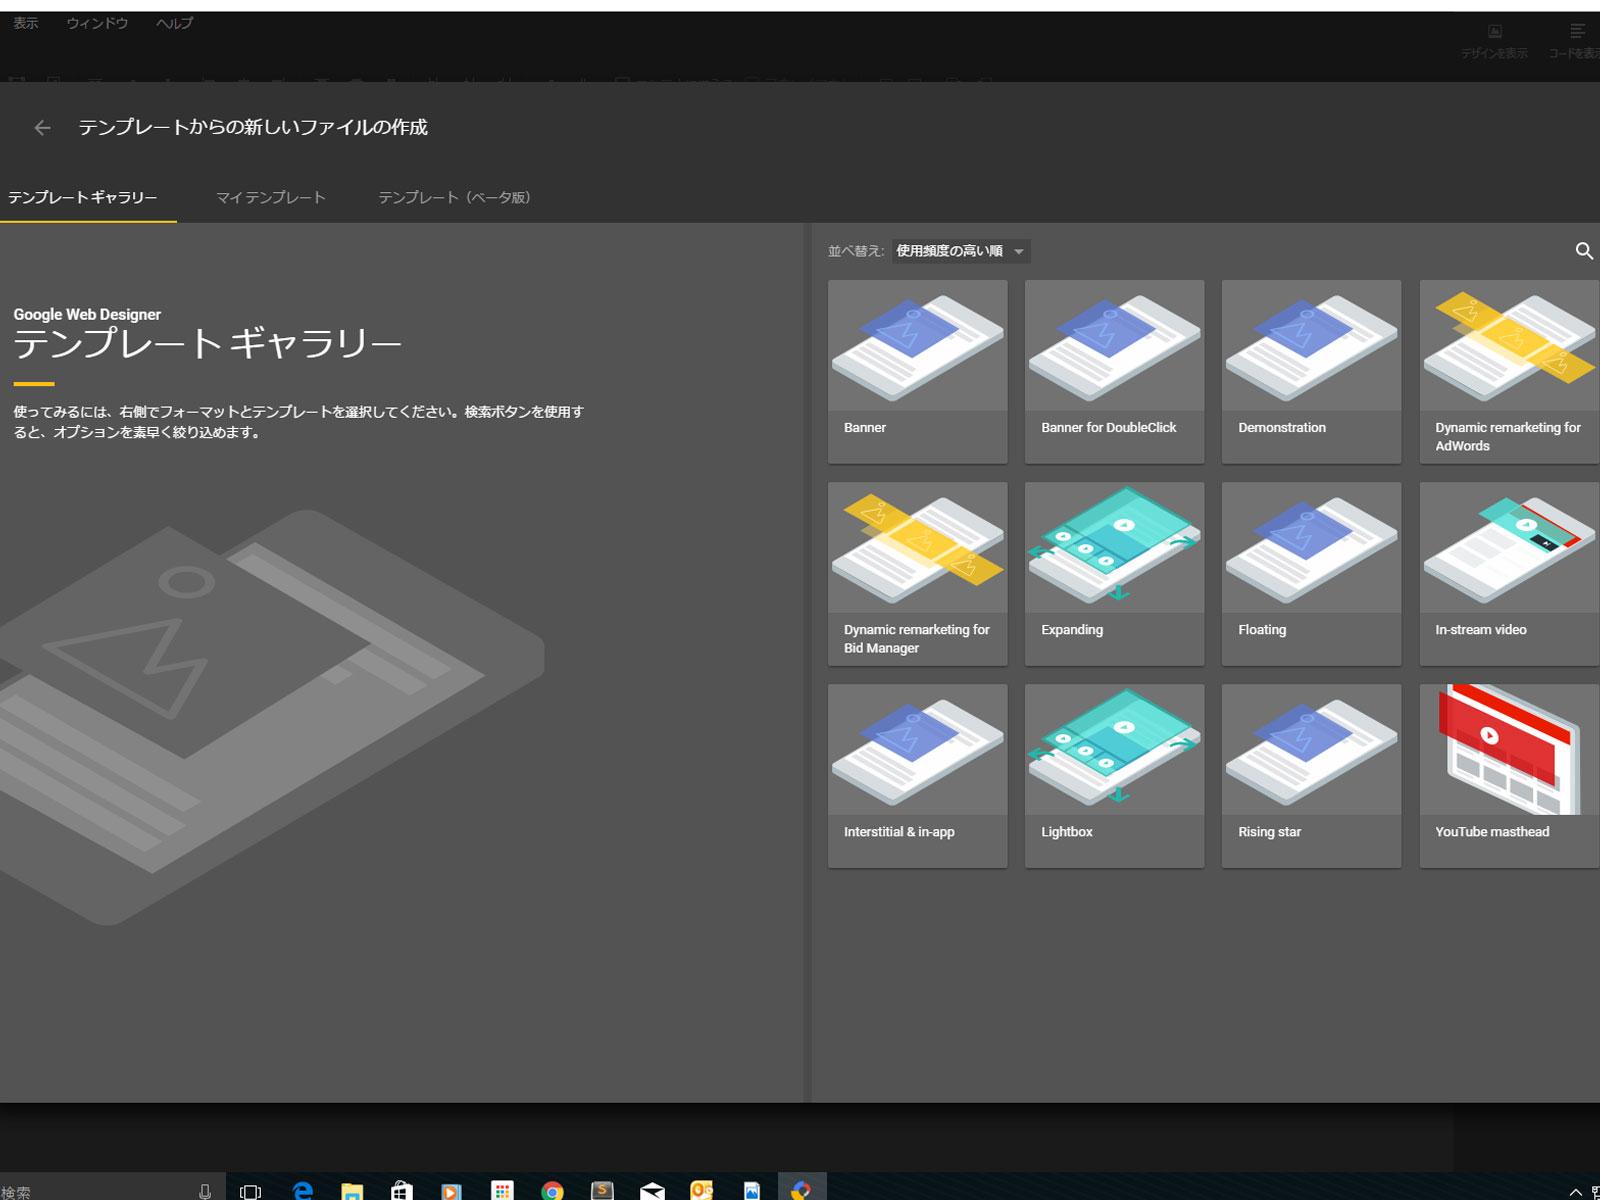 Google Web Designerテンプレート画面